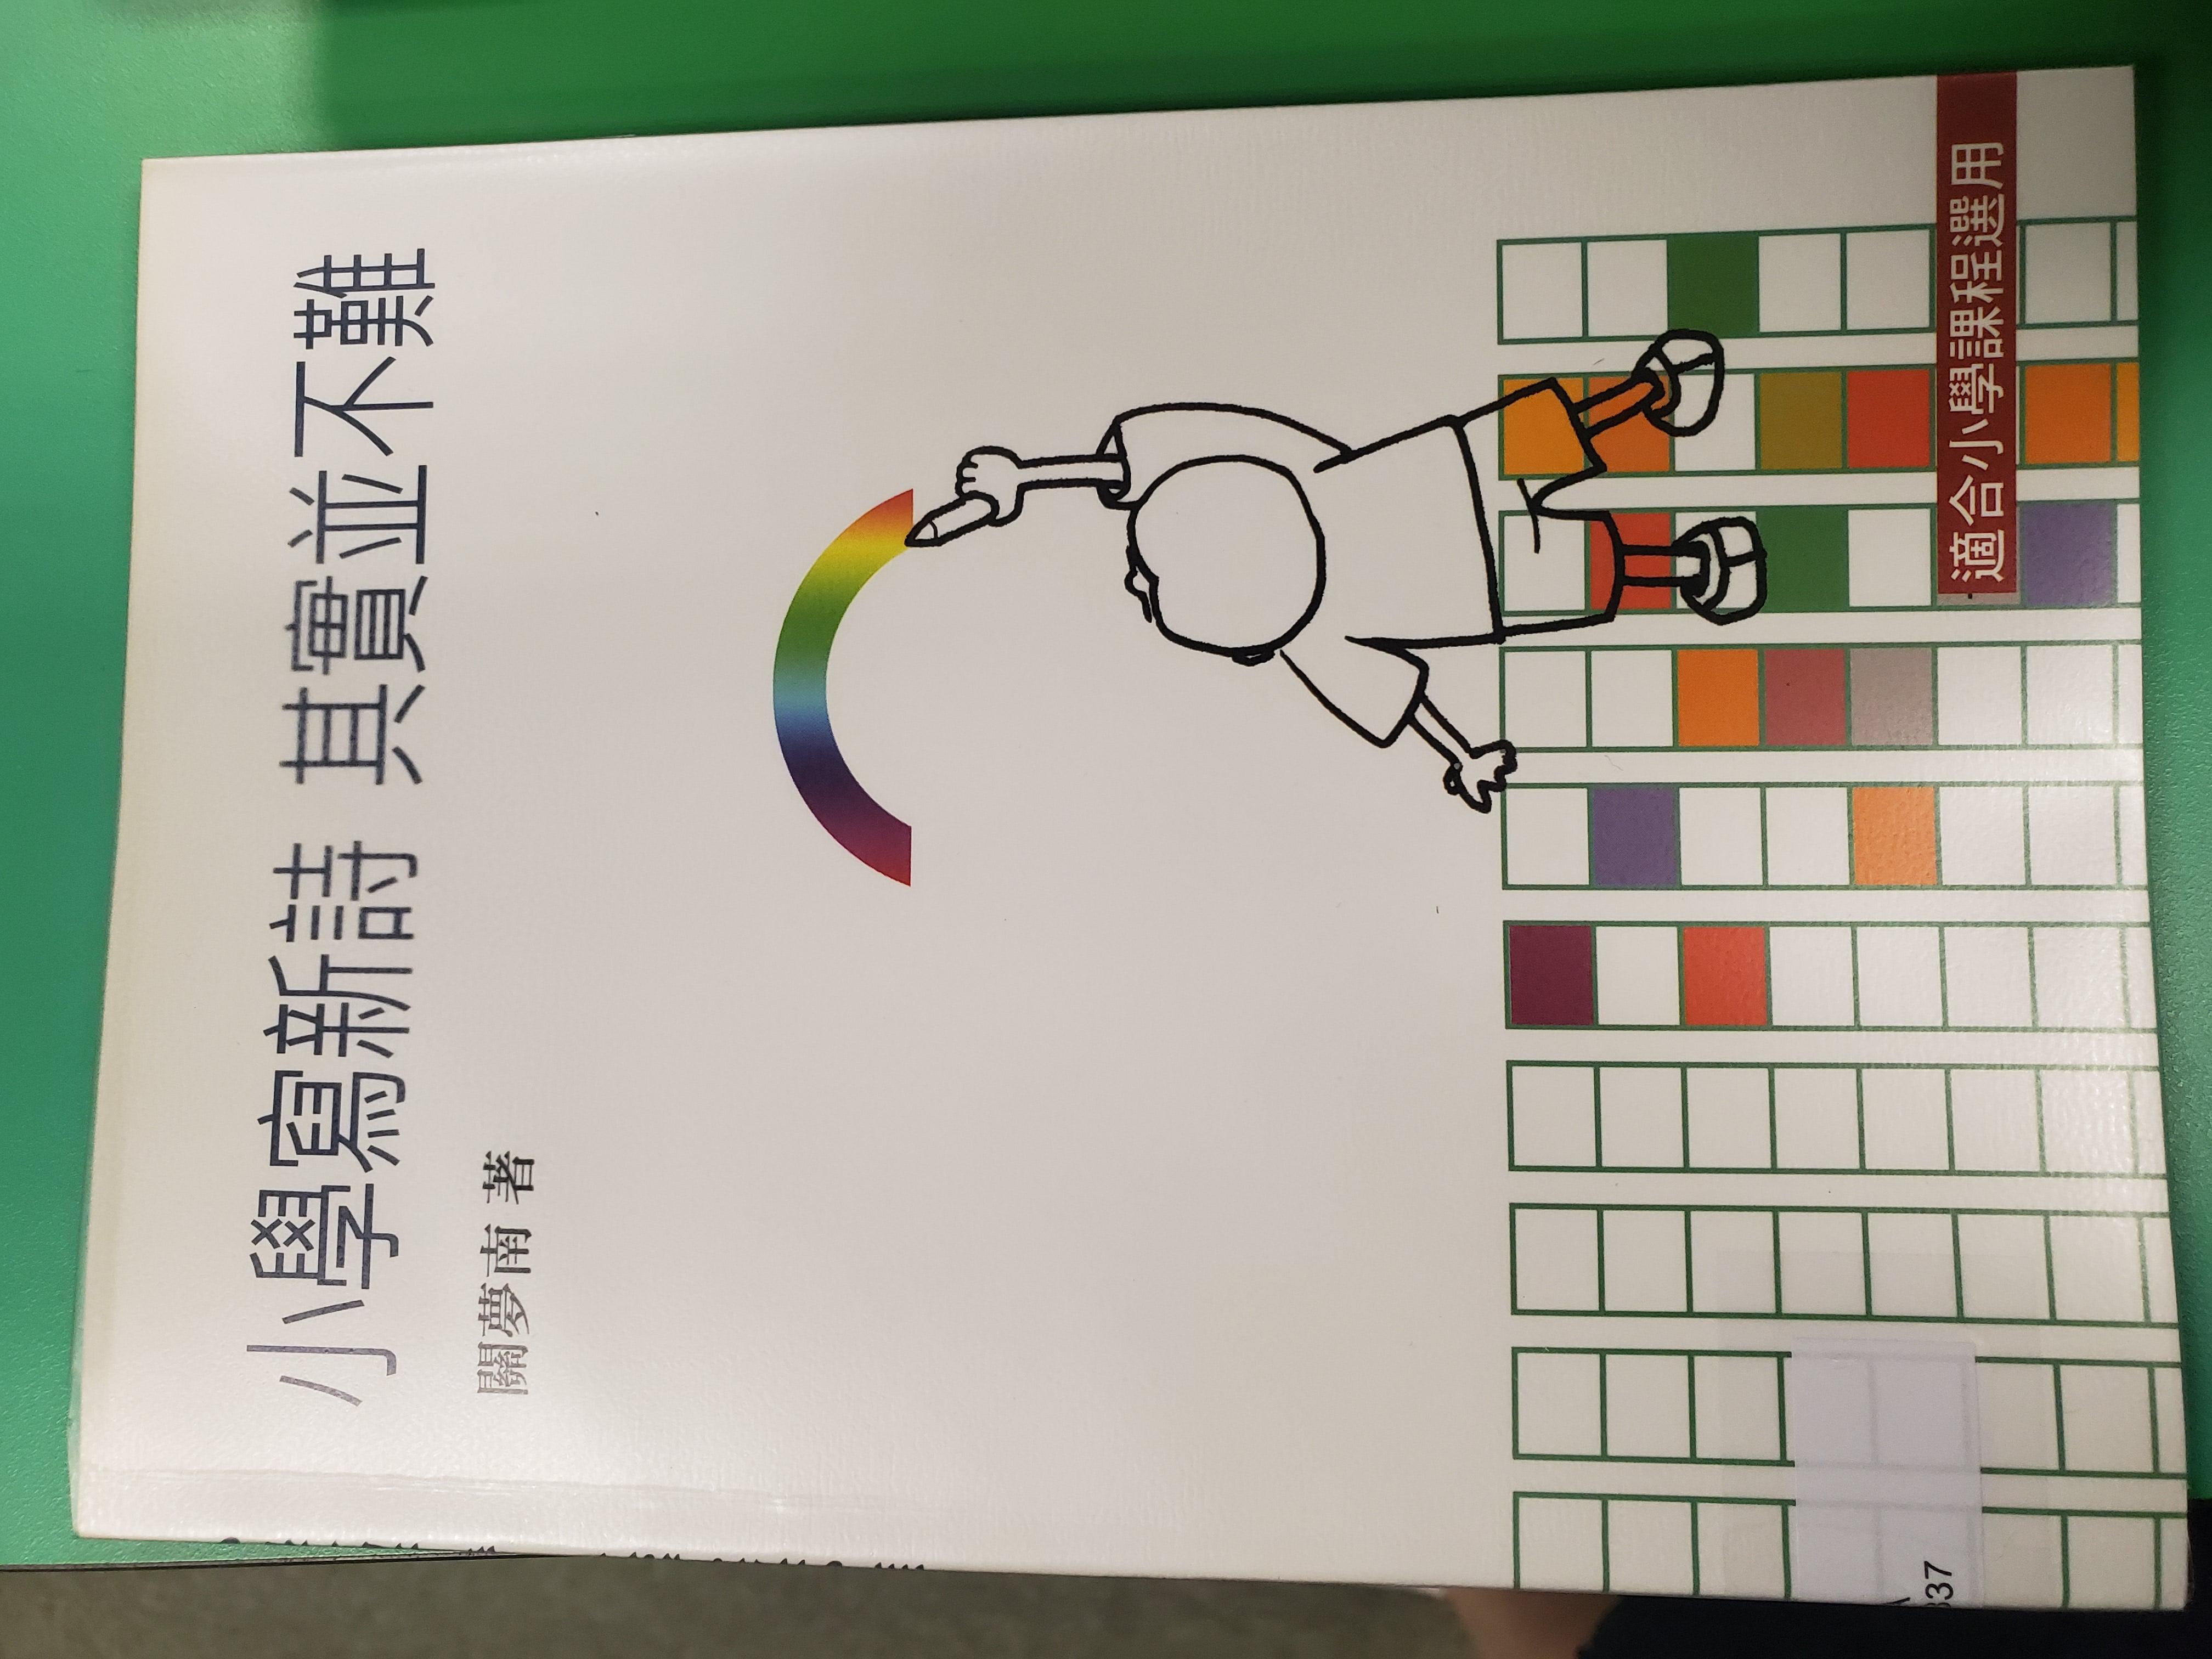 http://www.keiwan.edu.hk/sites/default/files/20191106_152633.jpg